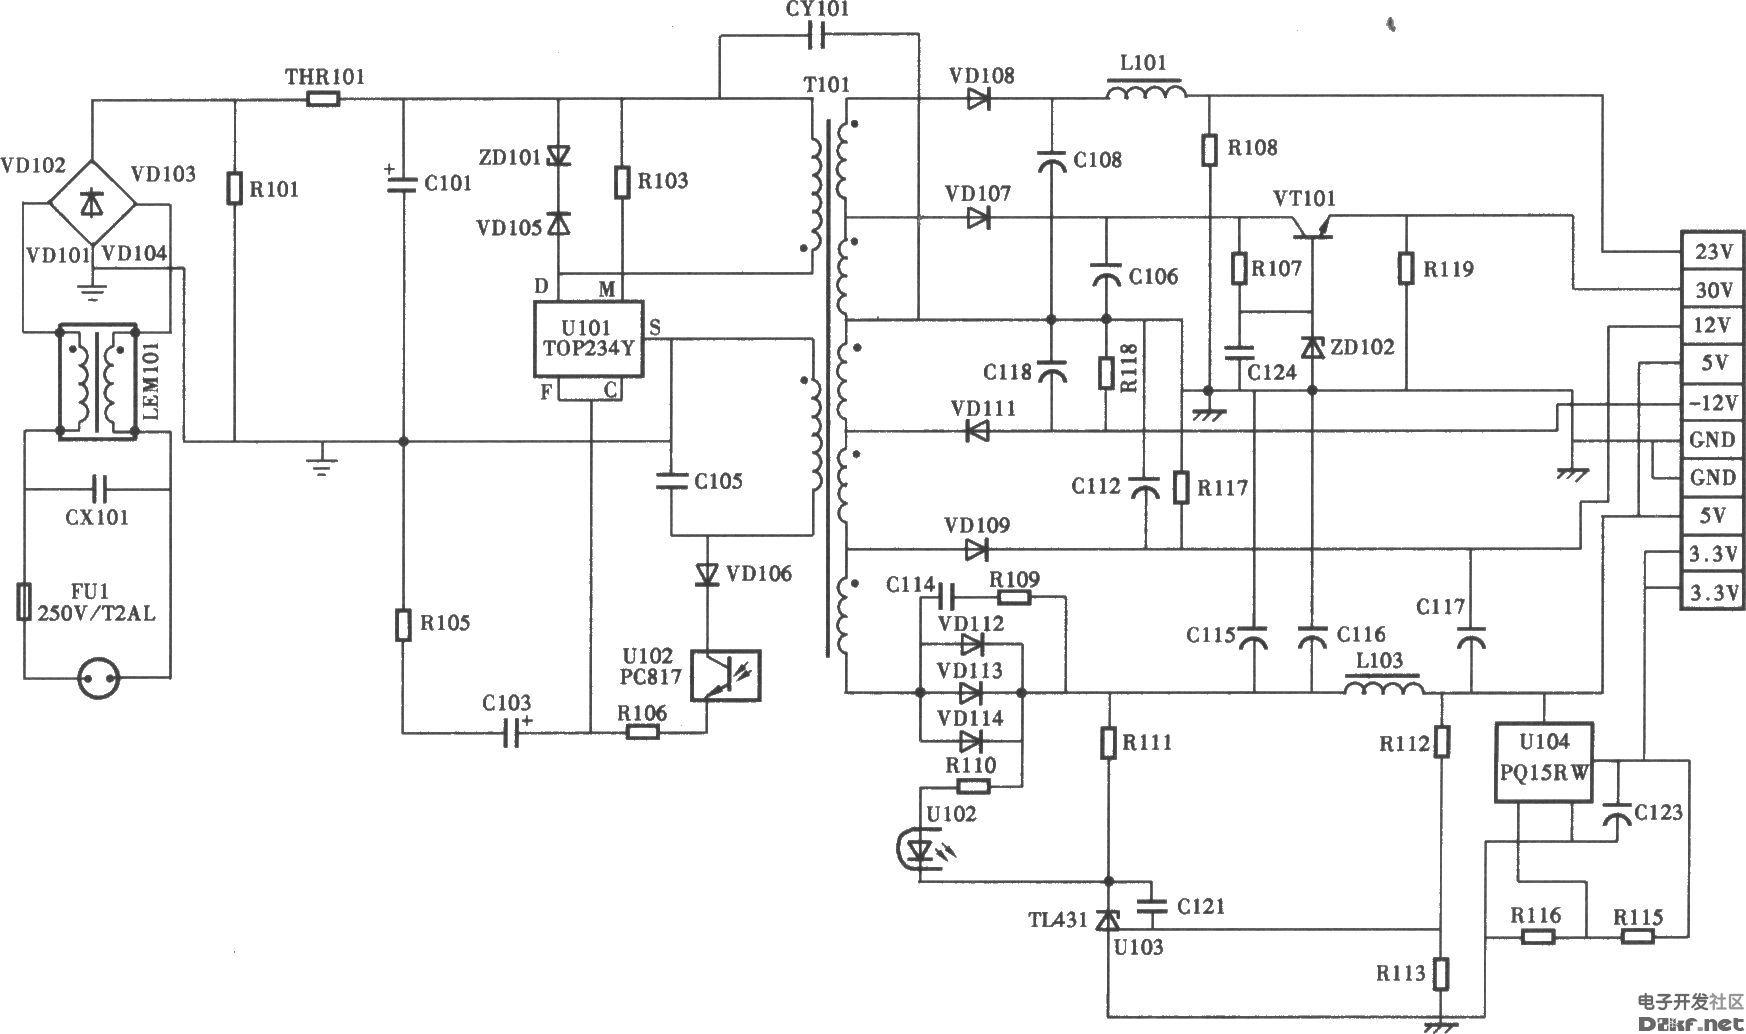 同洲cdvbc2200b型数字有线电视机顶盒电源电路